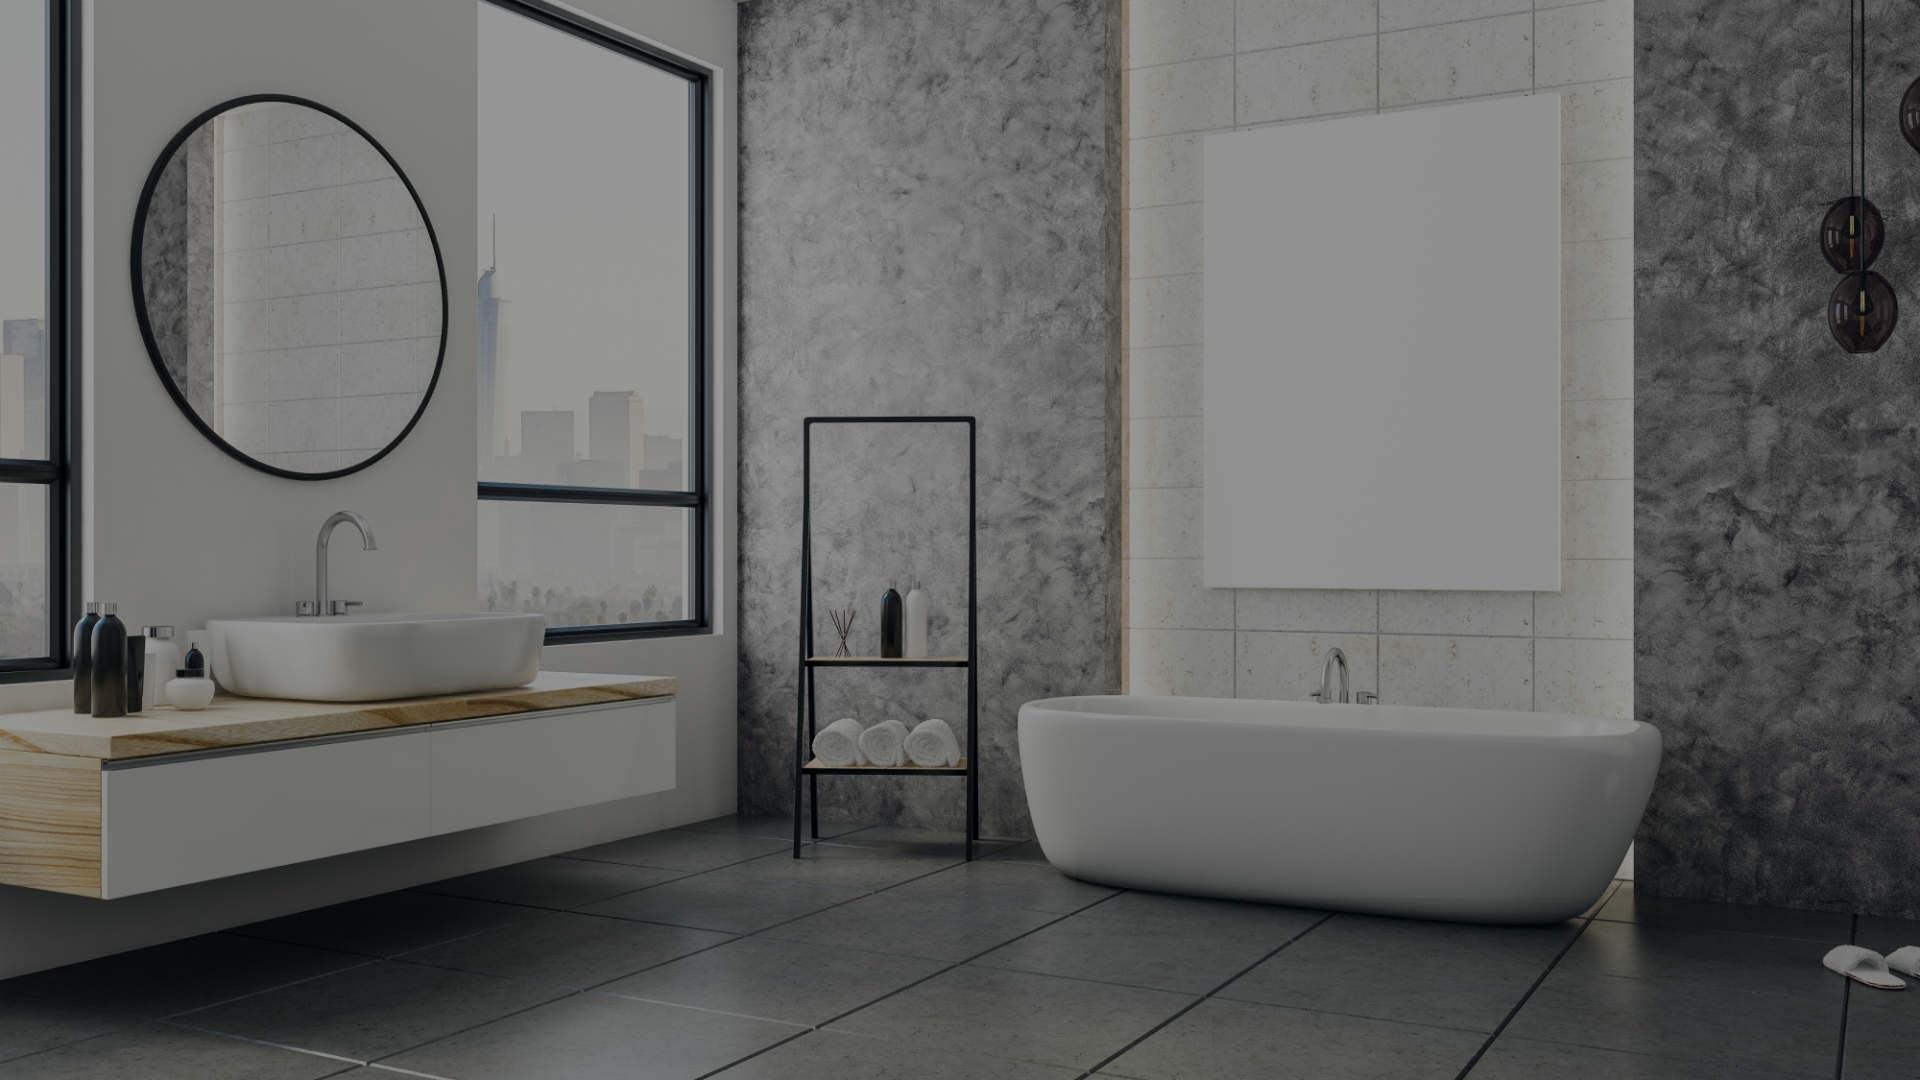 Mobili componibili per il bagno scopri come